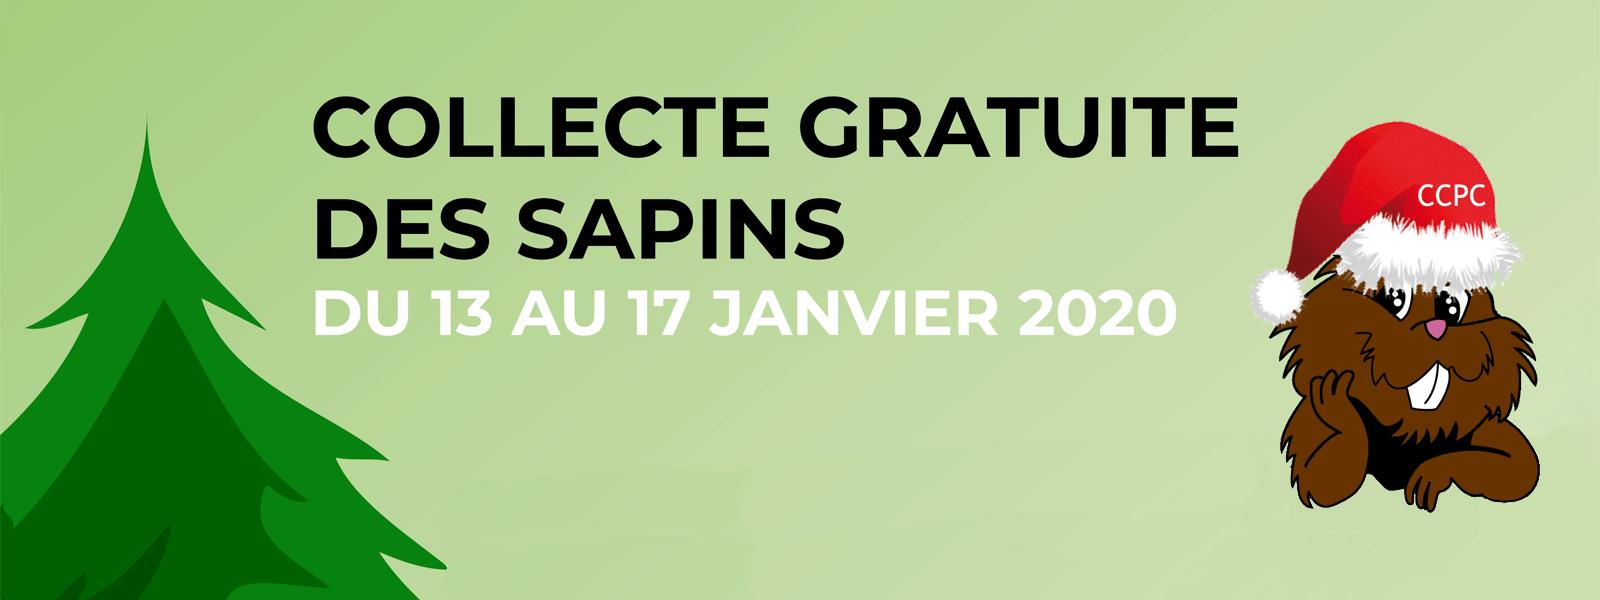 Collecte de sapins de noël du 13 au 17 janvier 2020